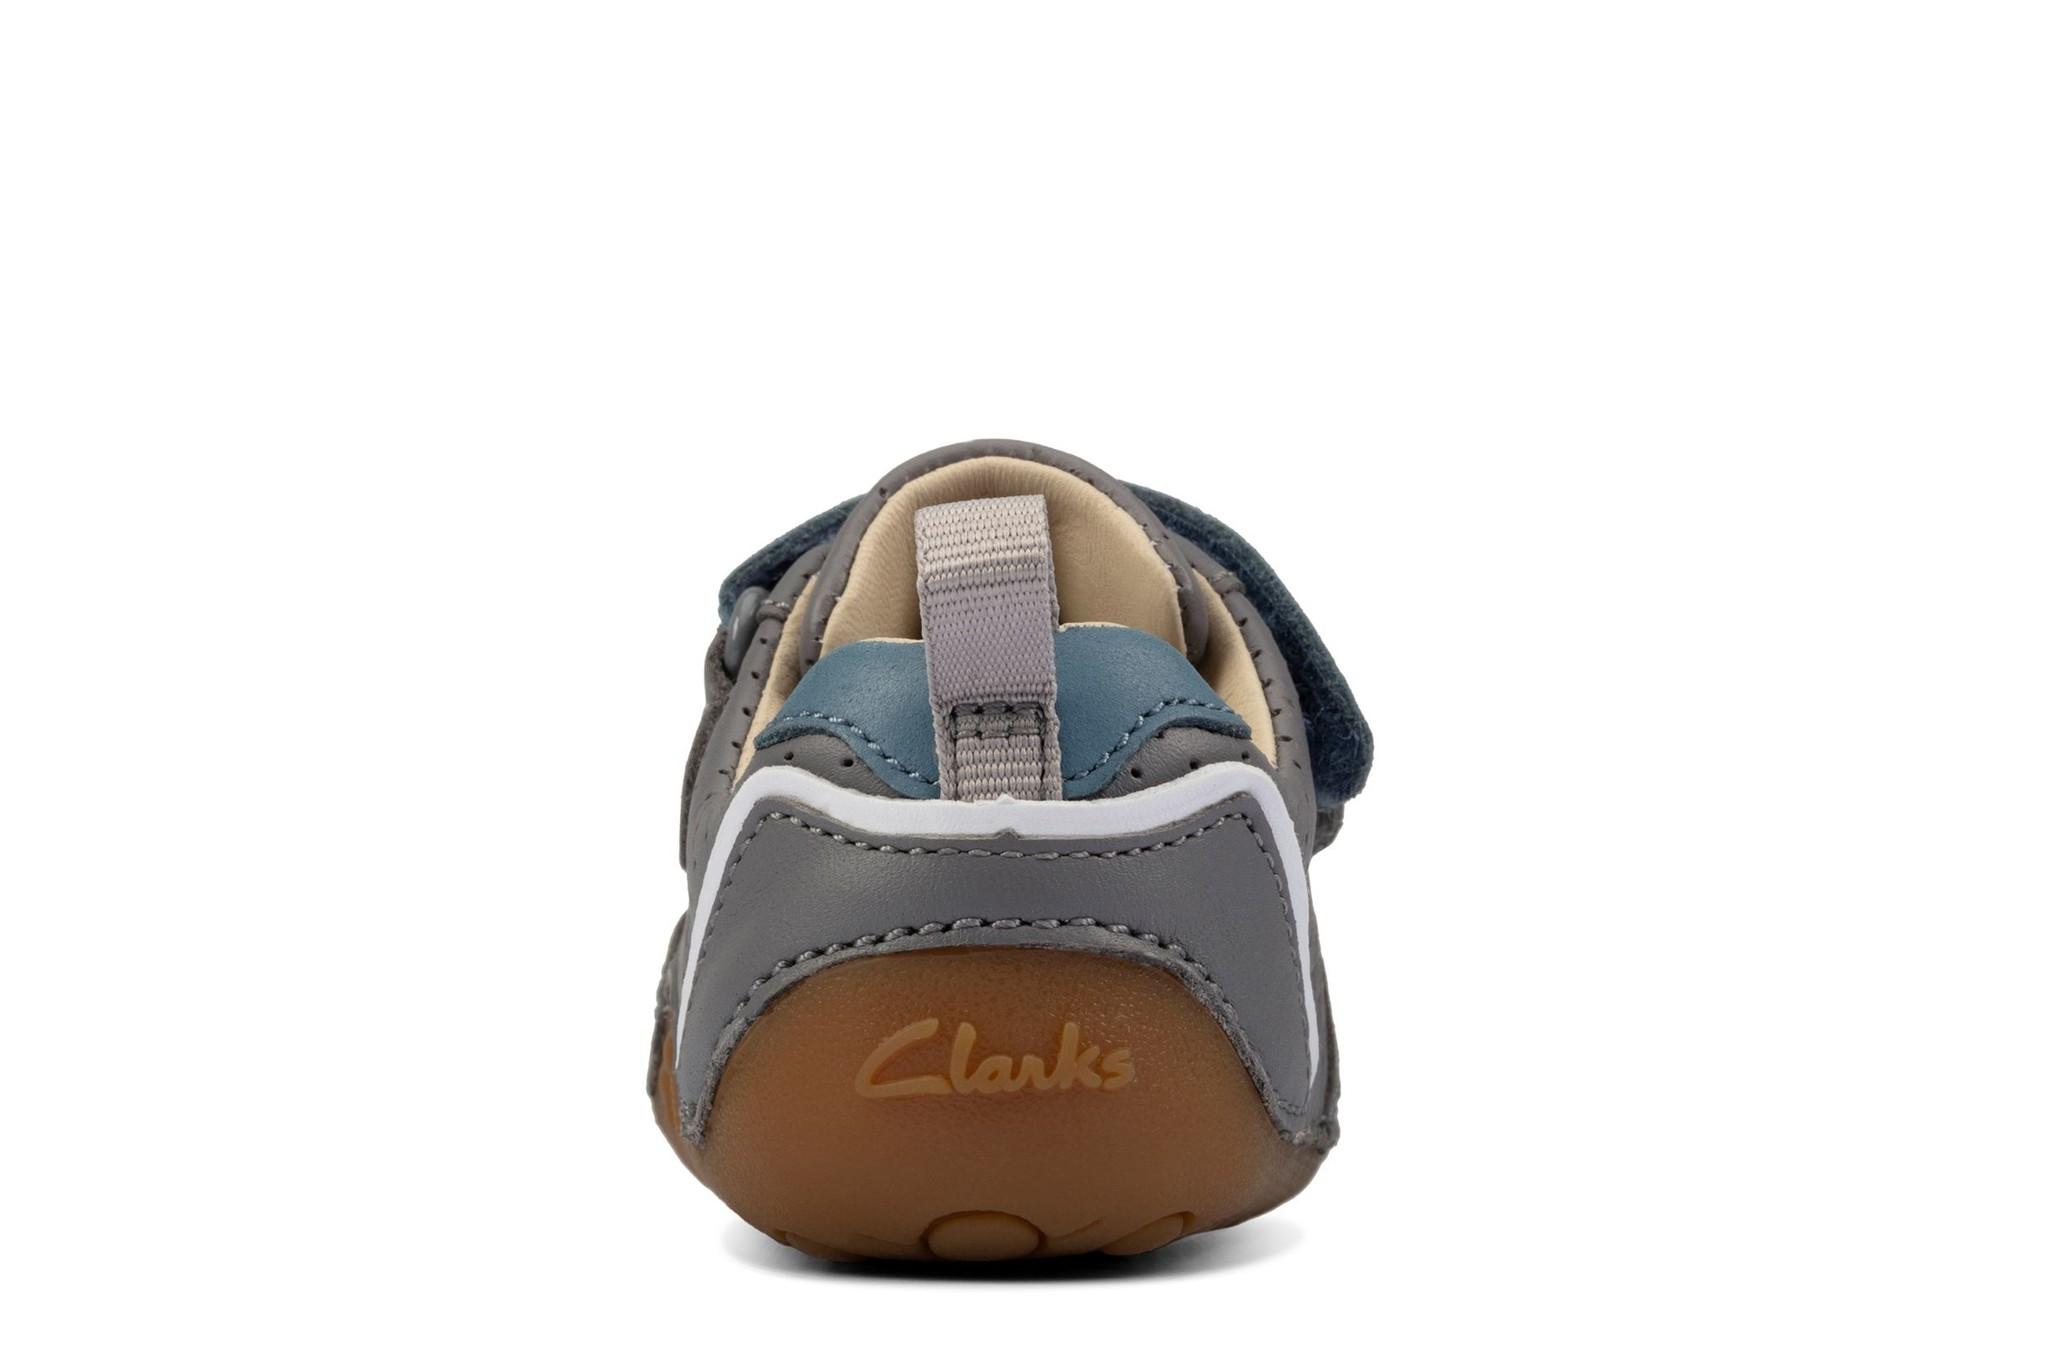 Clarks Tiny Sky Grey Leather